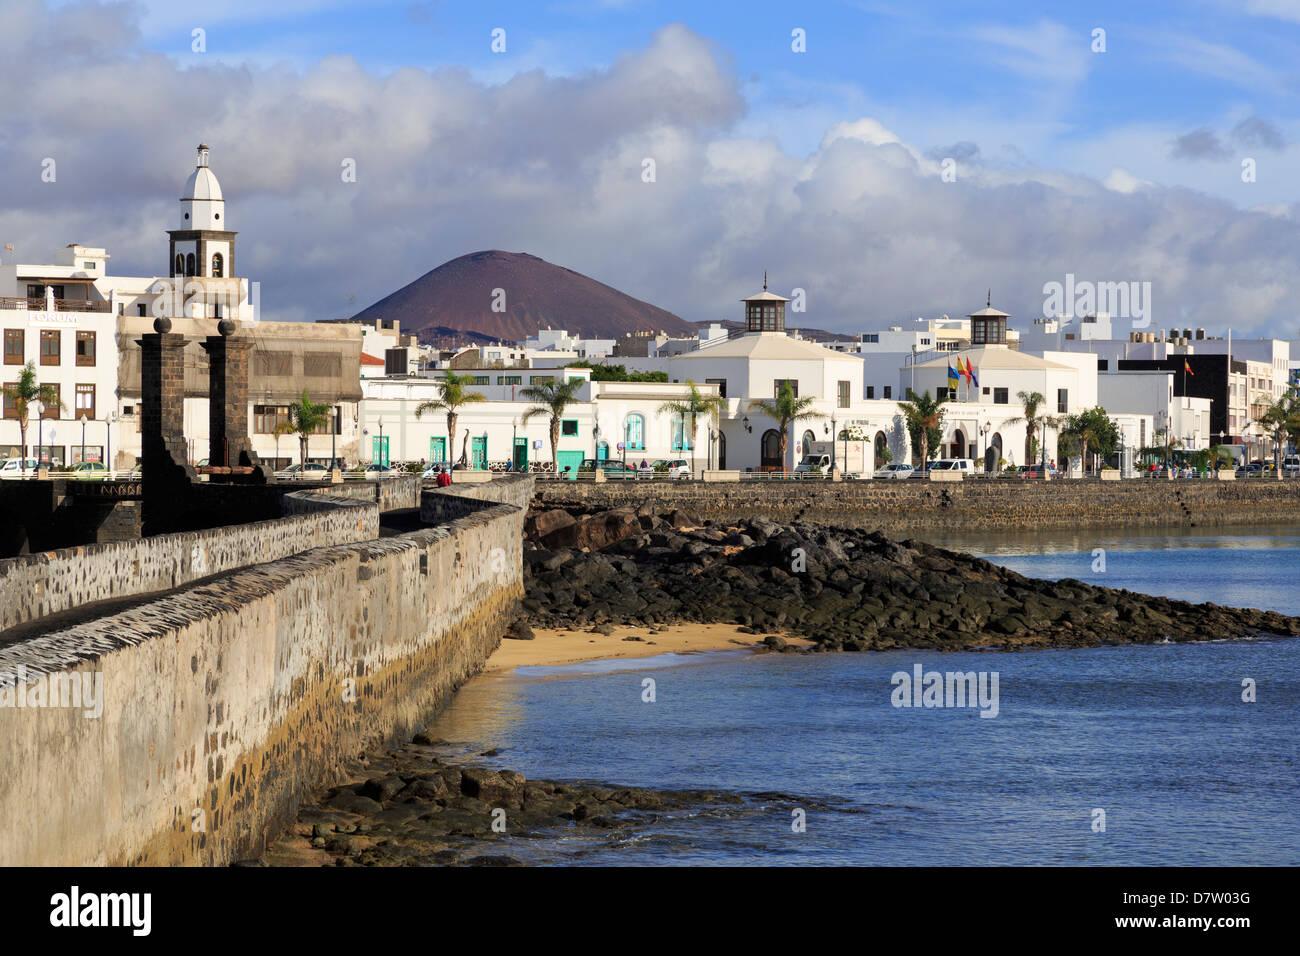 Las Bolas Causeway, Arrecife, Lanzarote Island, Canary Islands, Spain, Atlantic - Stock Image